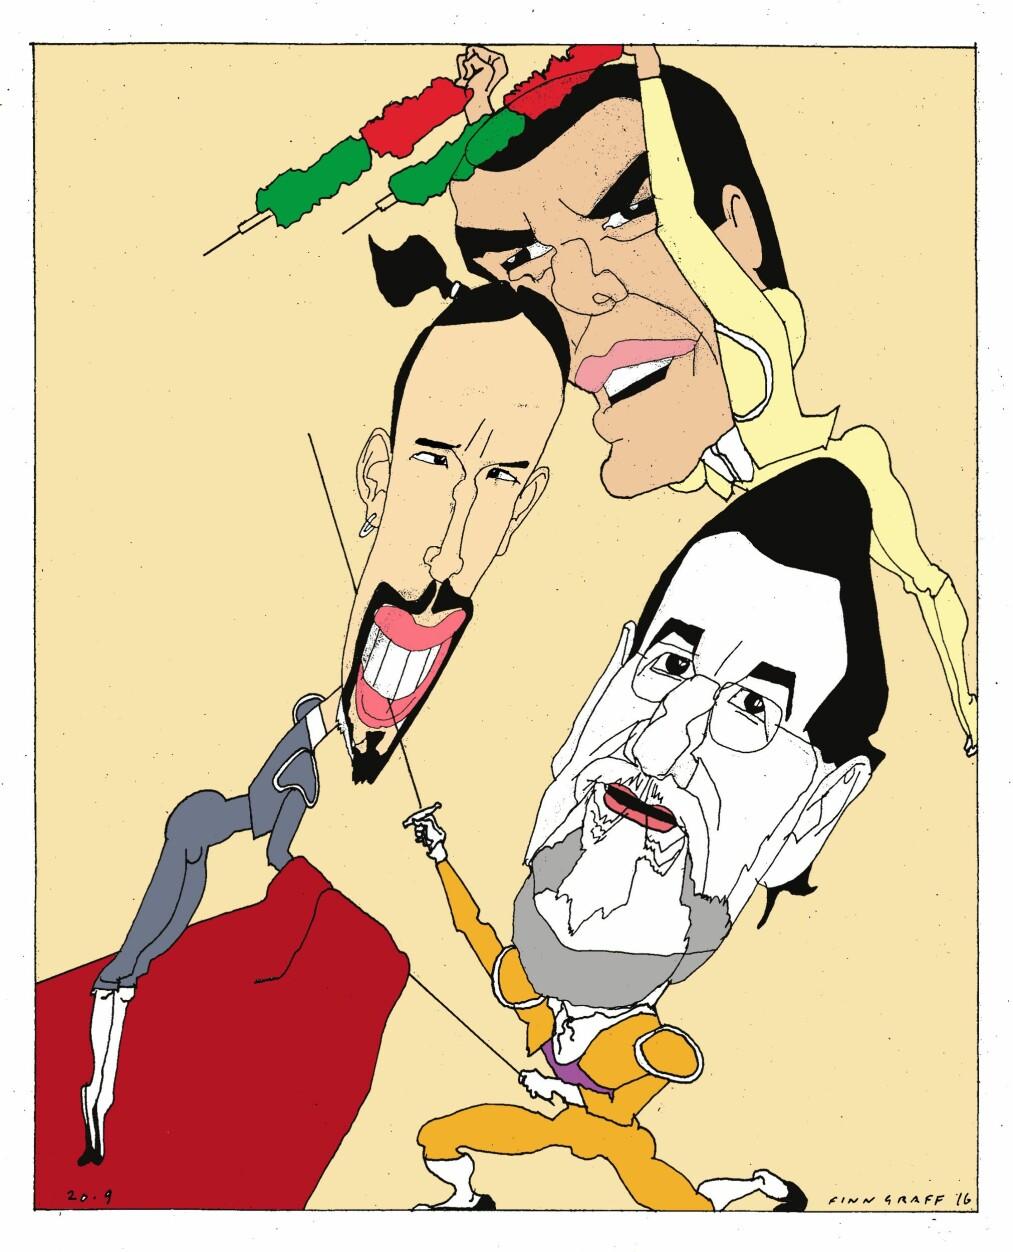 Valg på valg i Spania